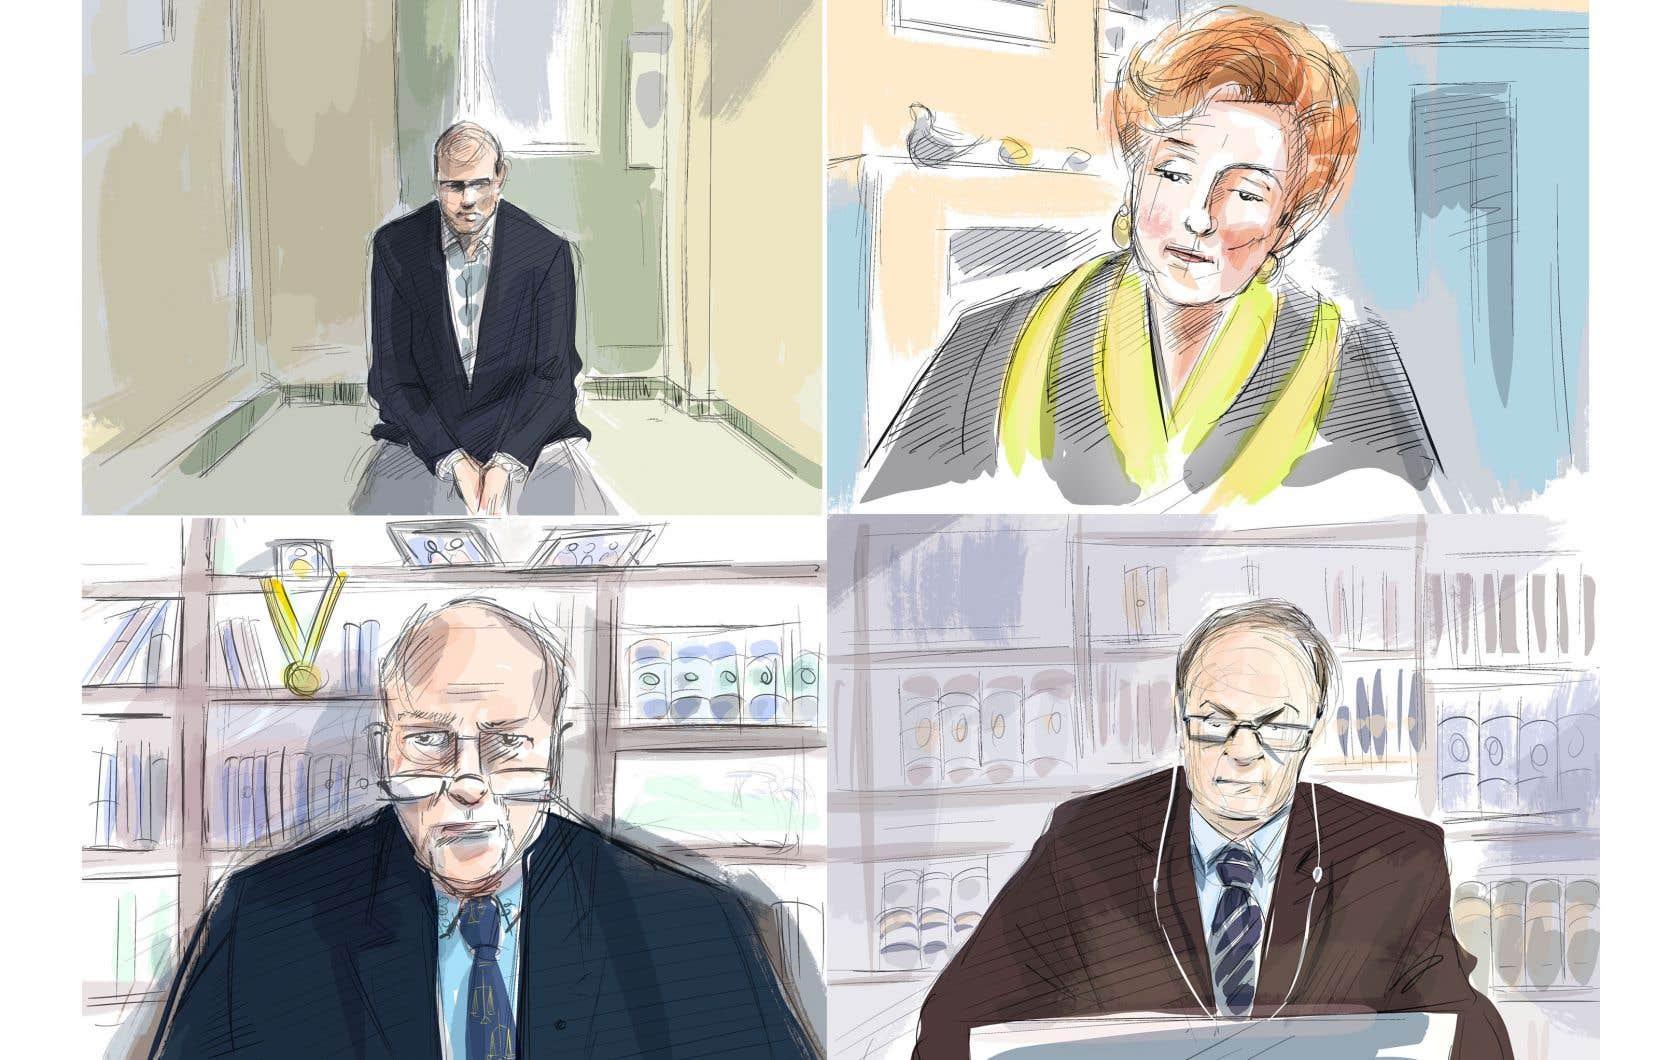 Le procès d'Alek Minassian (en haut à gauche) se déroule de façon virtuelle. Dans les autres cases, on peut voir la juge Anne Molloy, l'avocat de la défense, MeBoris Bytensky (en bas à gauche) et le Dr Bradford (en bas à droite).